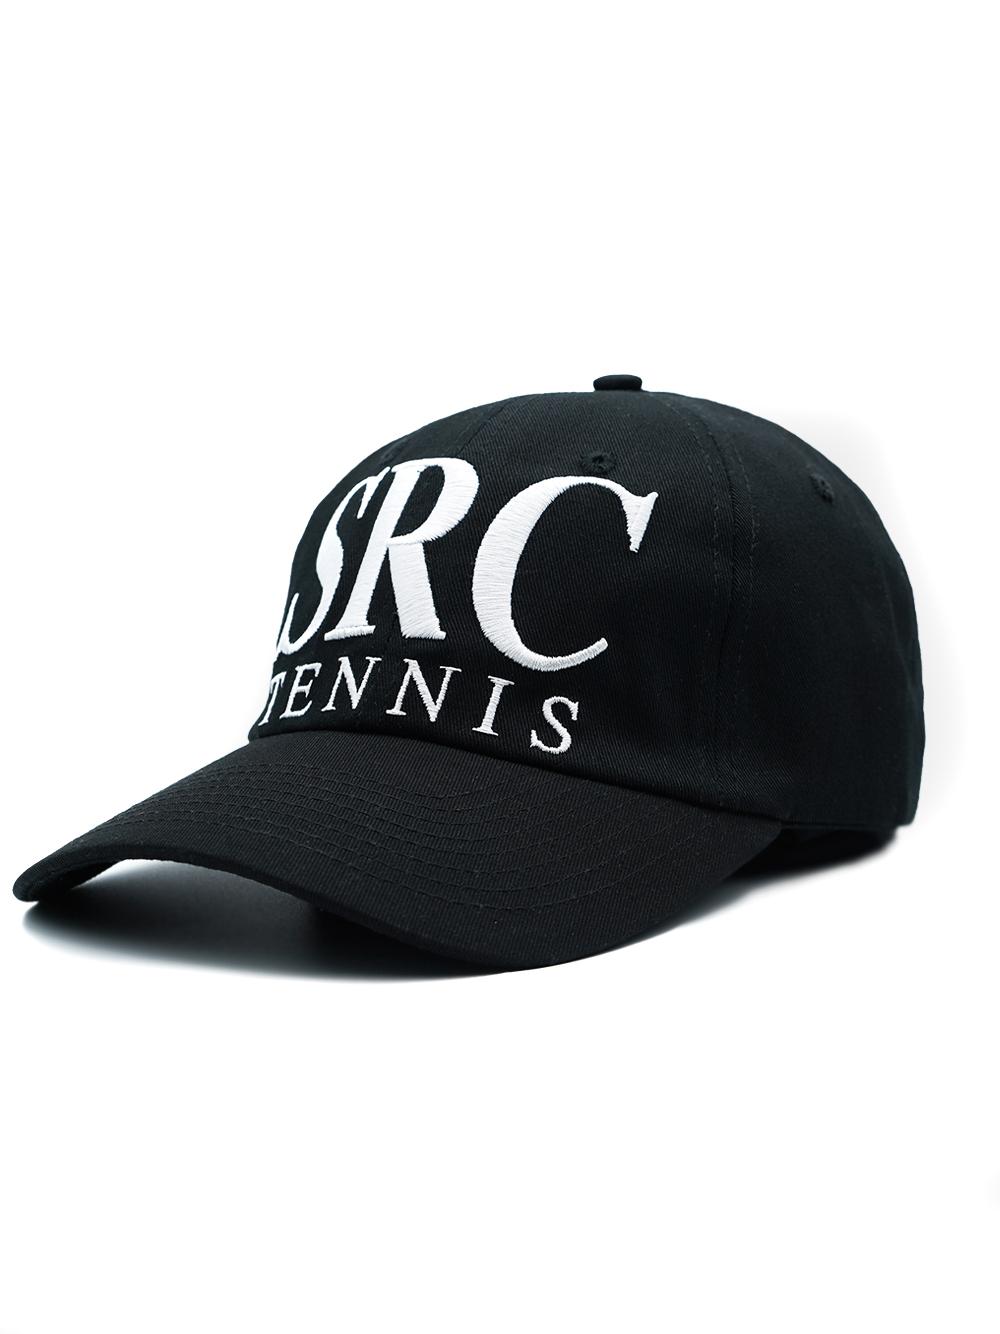 Cappellino src tennis Nero Uomo in Cotone SPORTY & RICH | Cappelli | AC152BK